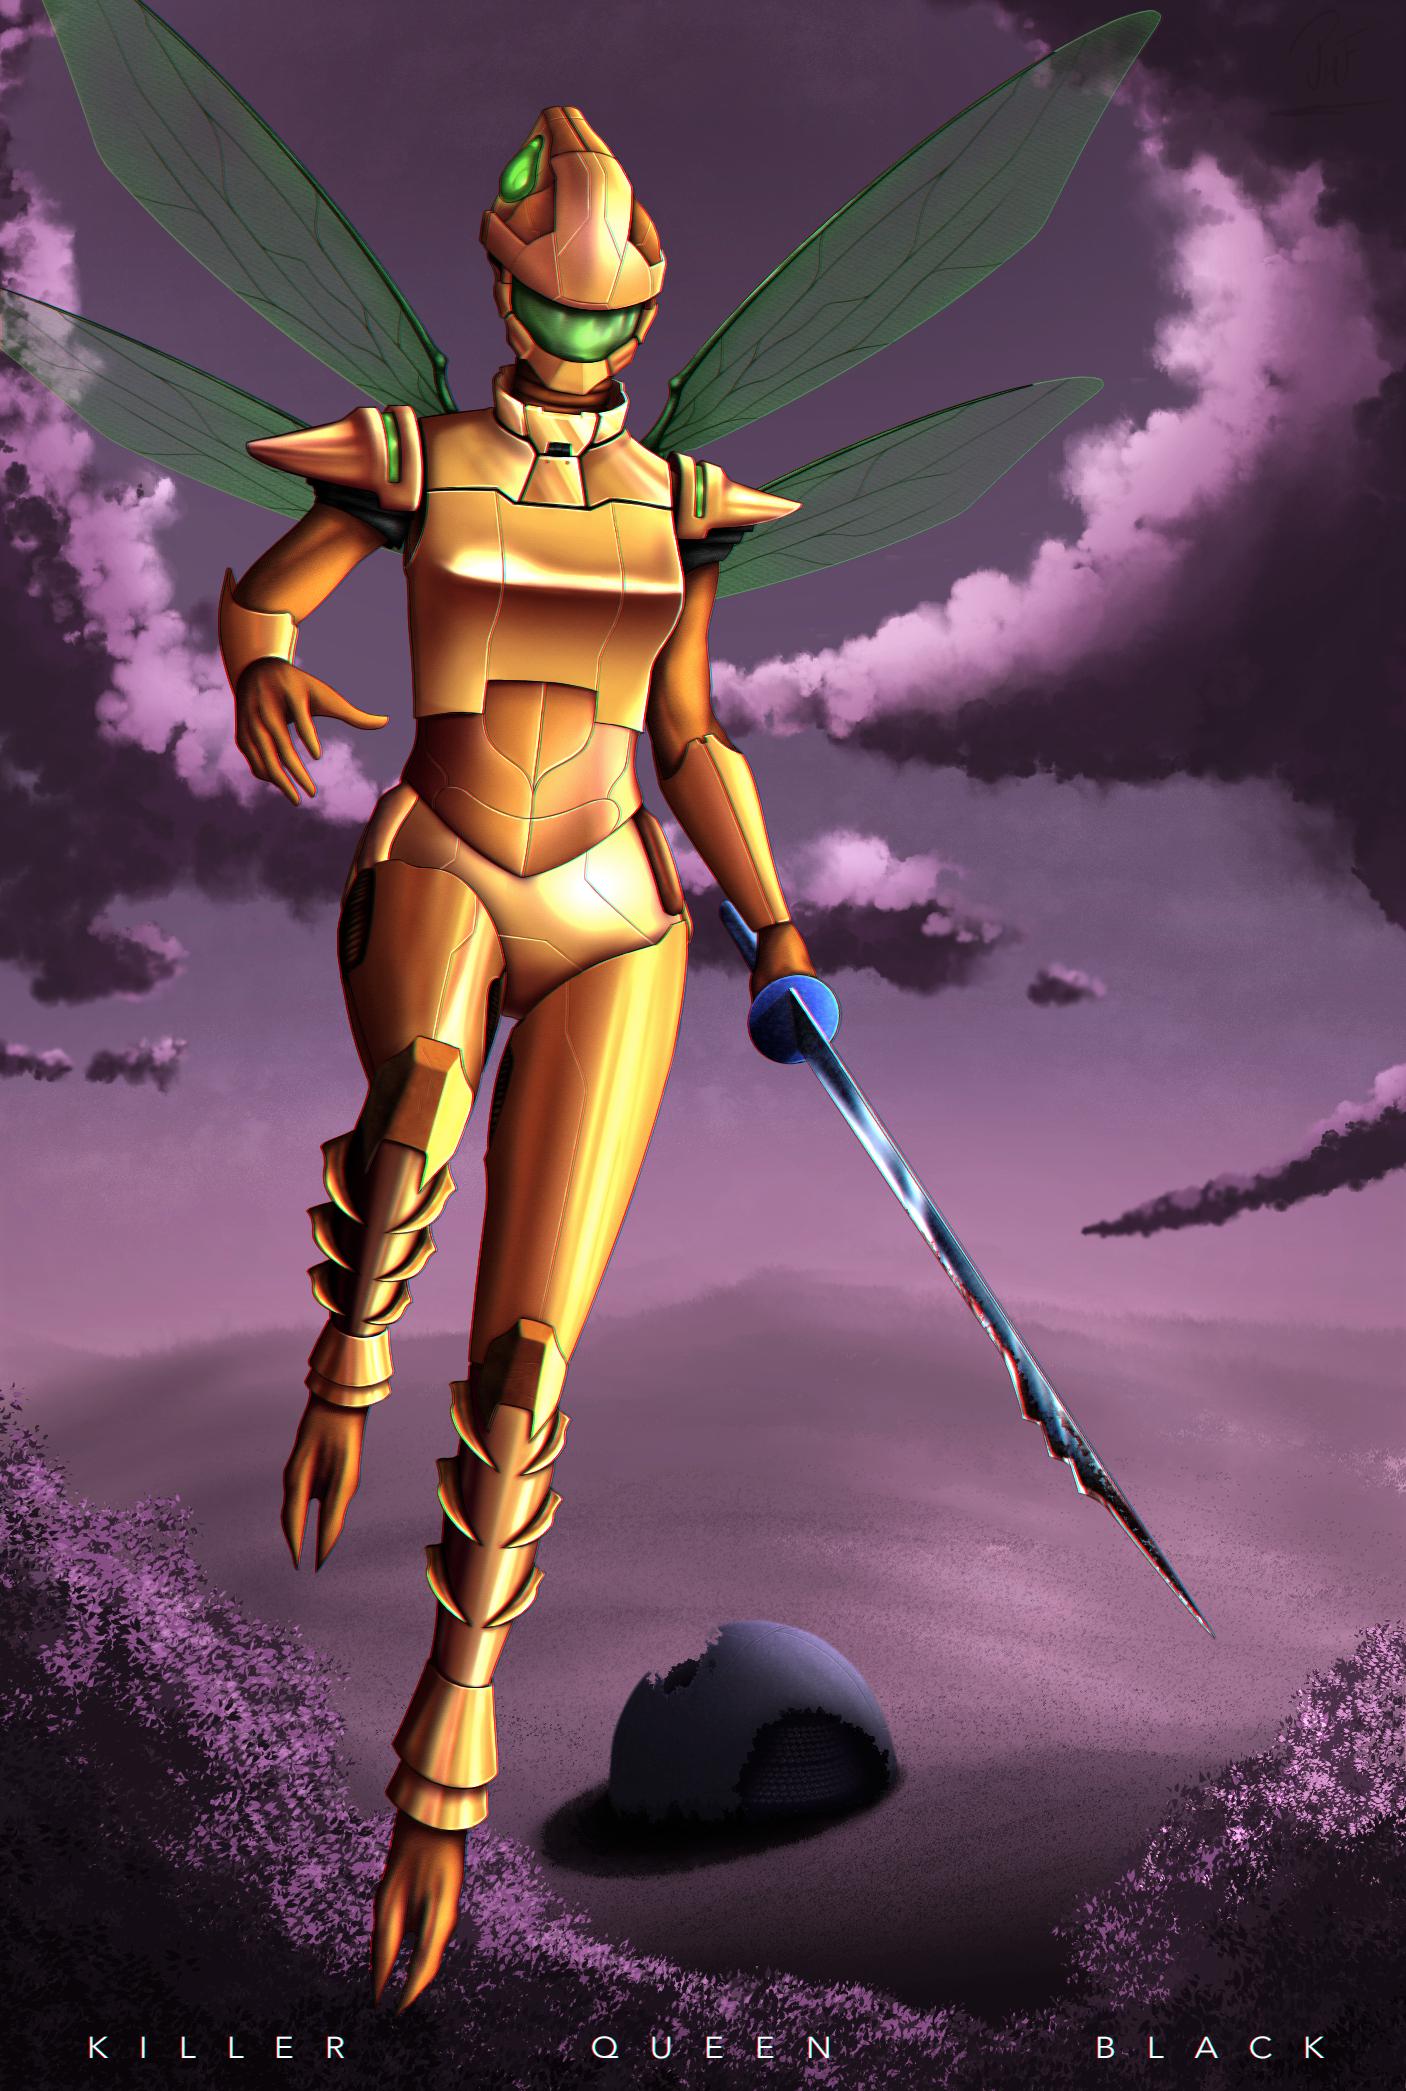 Yellow Queen - Killer Queen Black by Zumoggu on DeviantArt